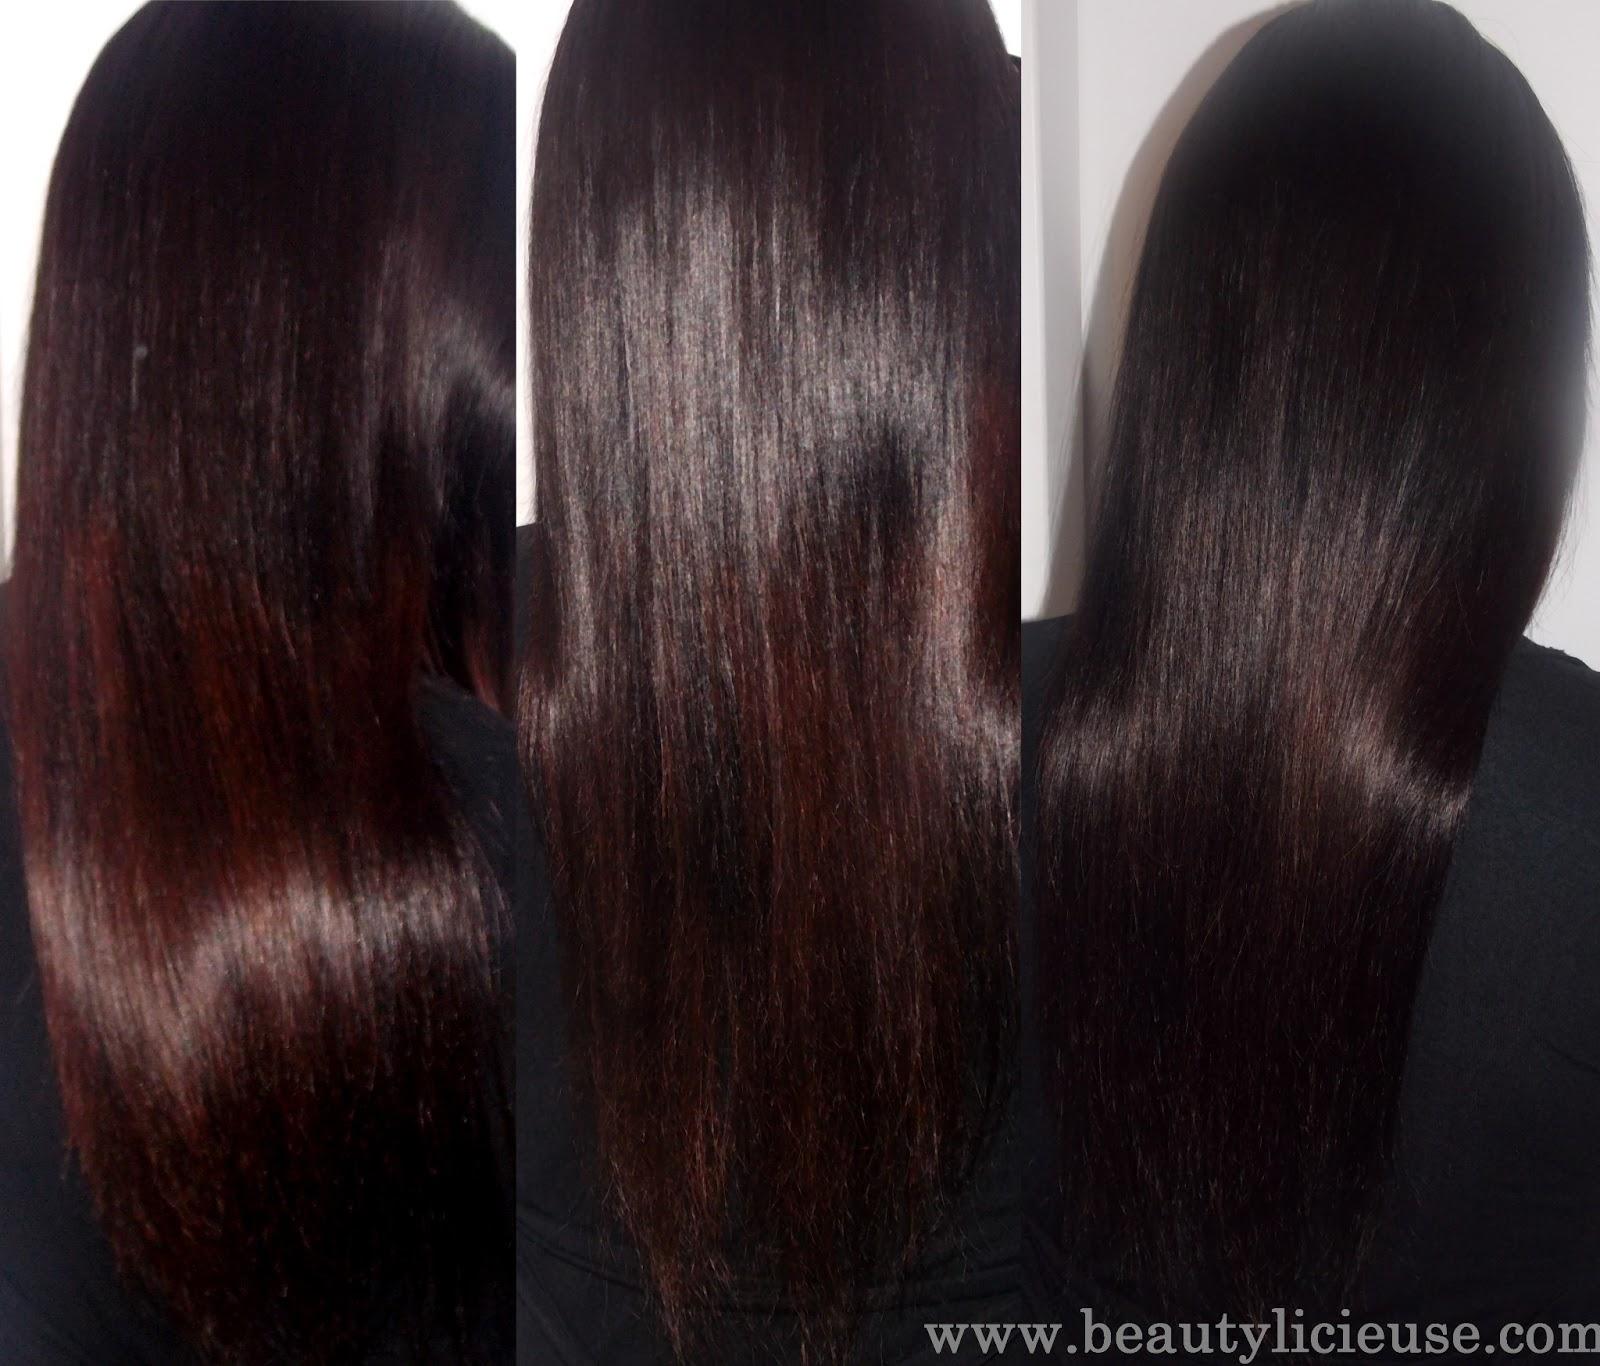 Populaire J'ai raté mon Ombré Hair et pourtant je kiffe le résultat  HJ44